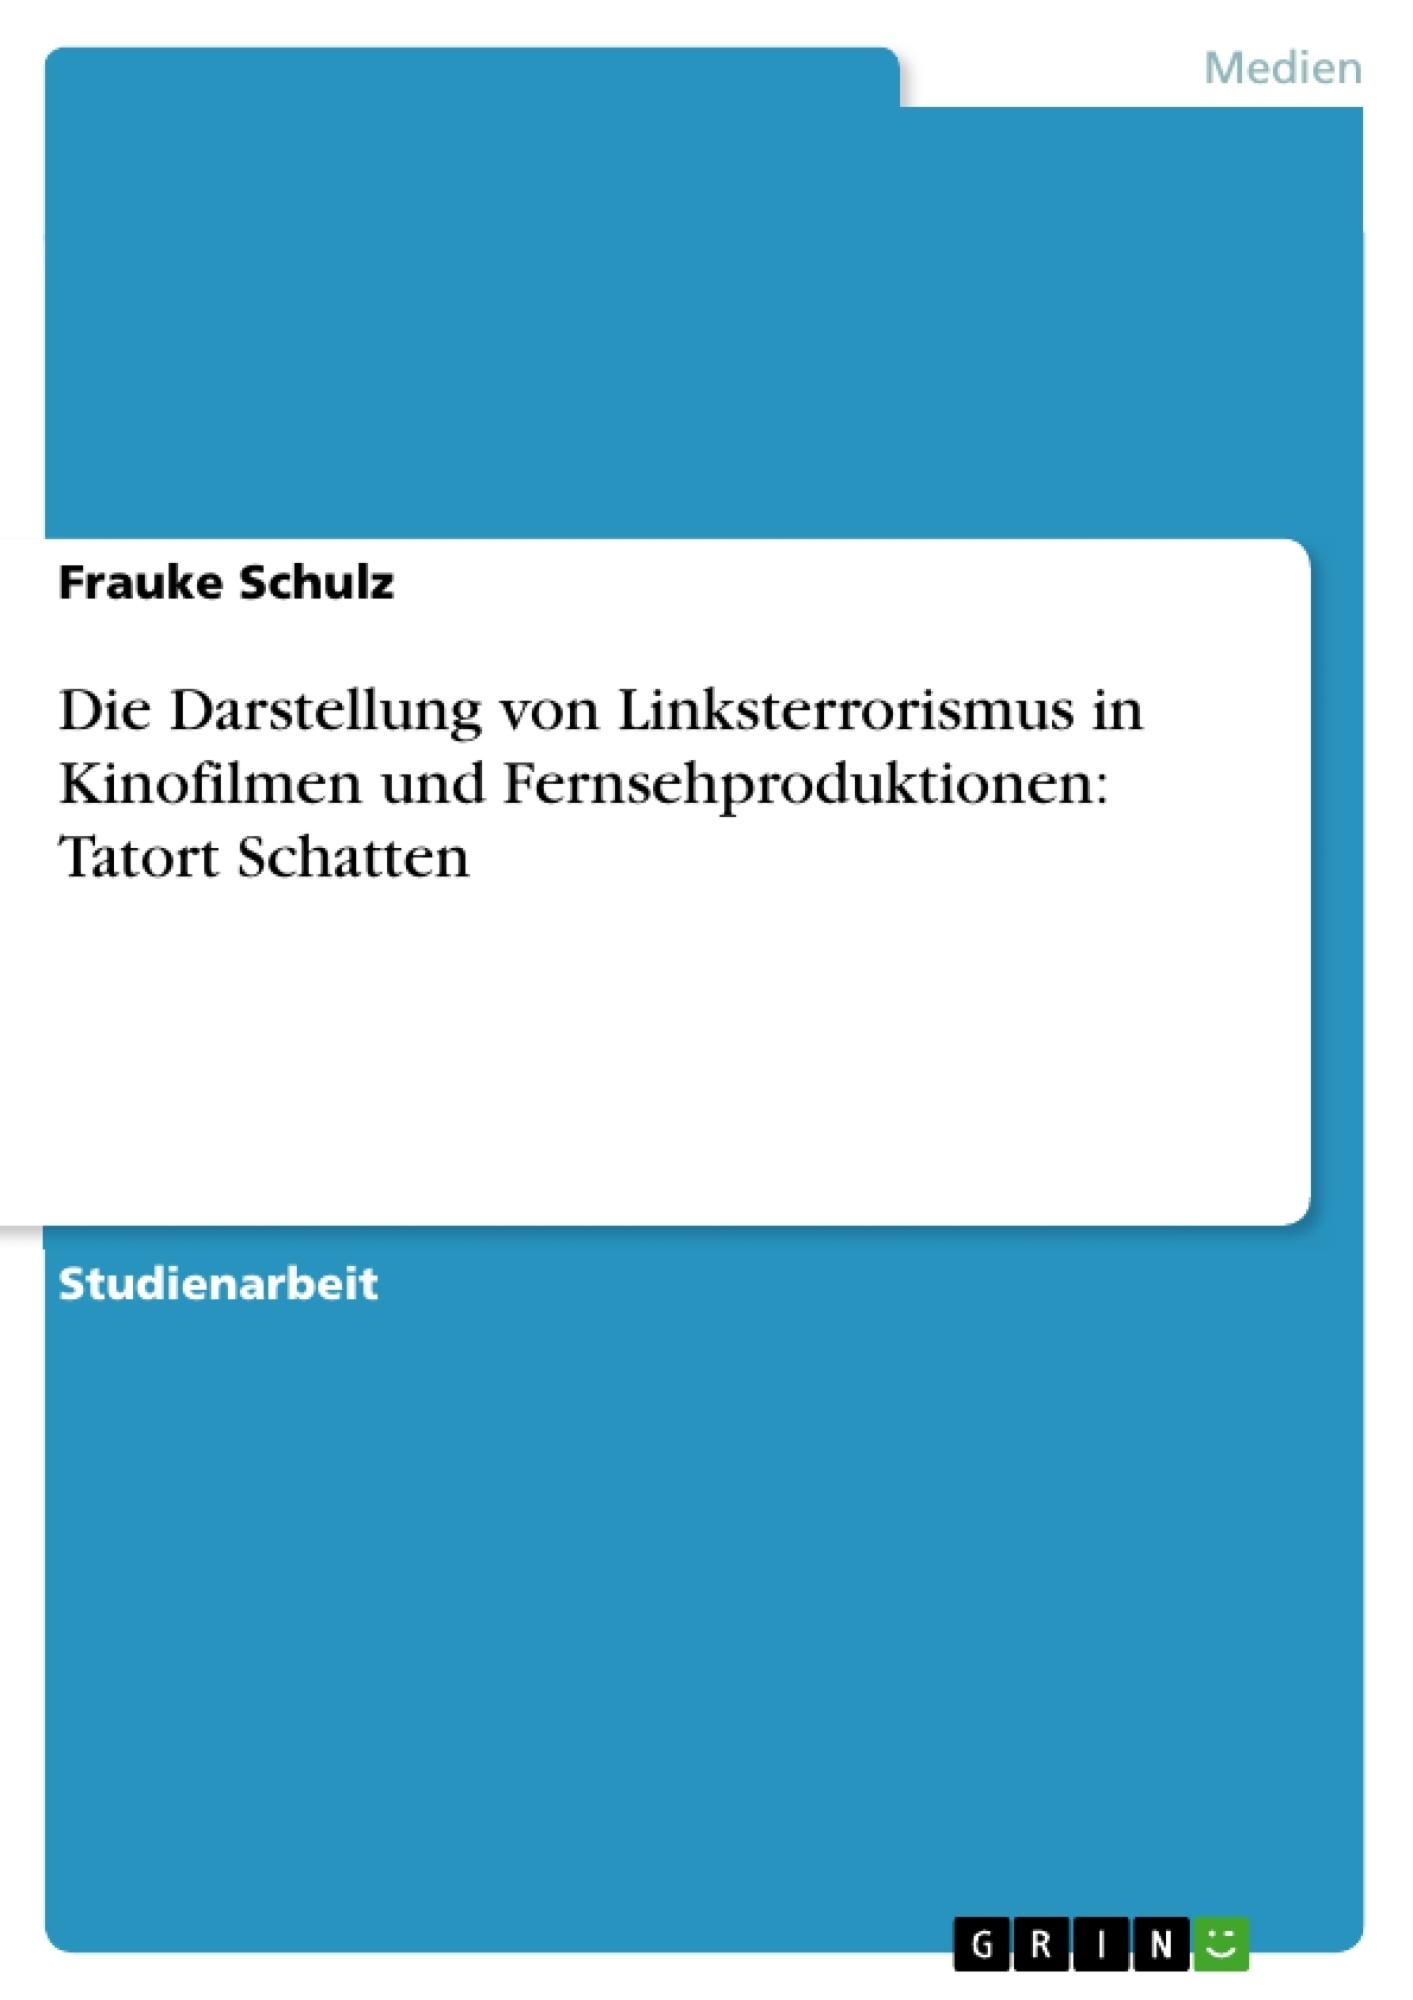 Titel: Die Darstellung von Linksterrorismus in Kinofilmen und Fernsehproduktionen: Tatort Schatten